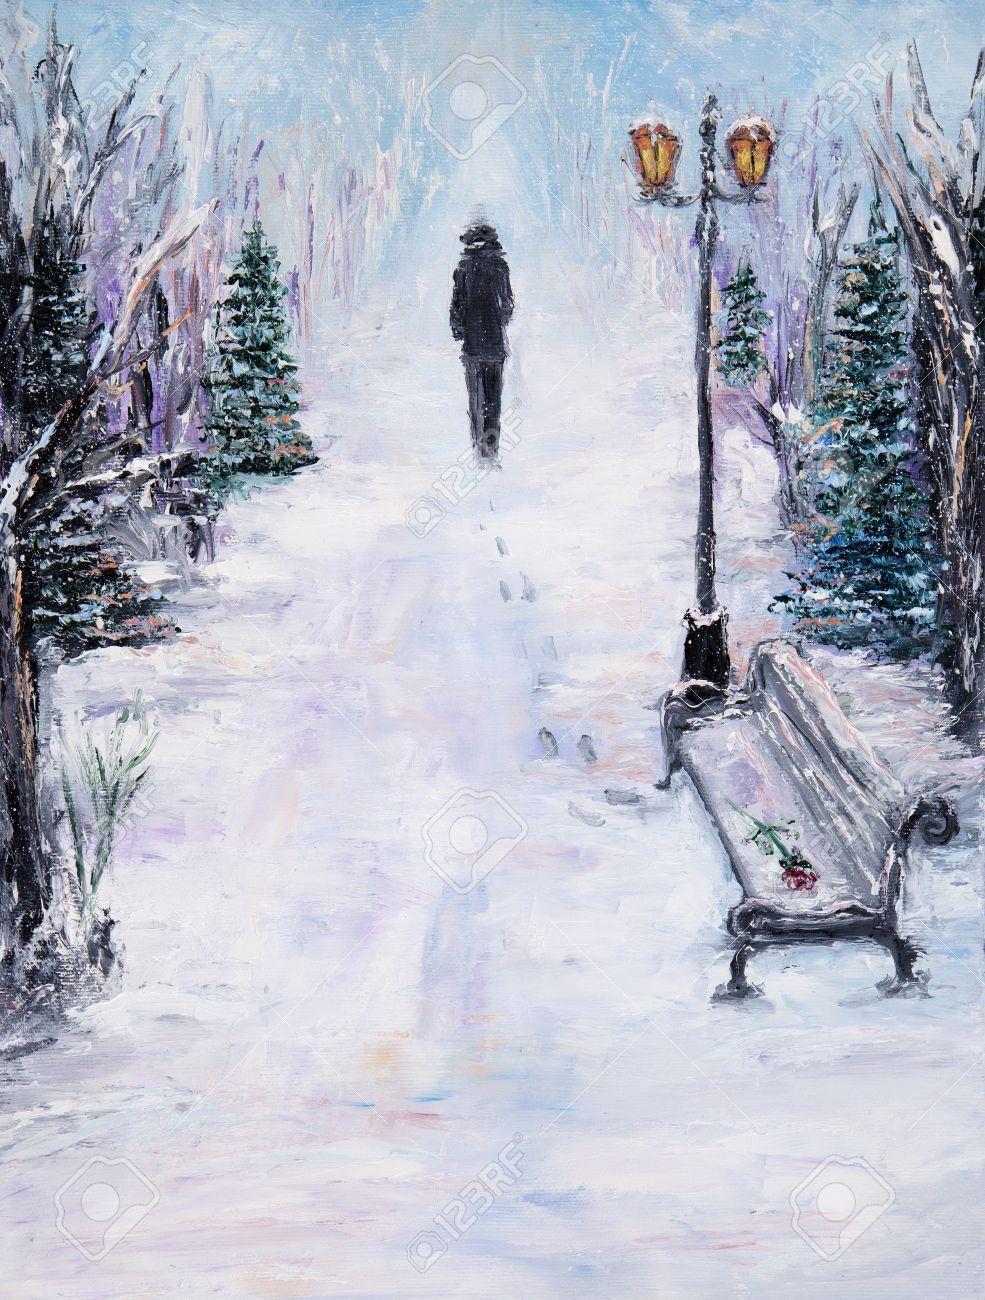 Resultado de imagen para pintura de hombre en el invierno